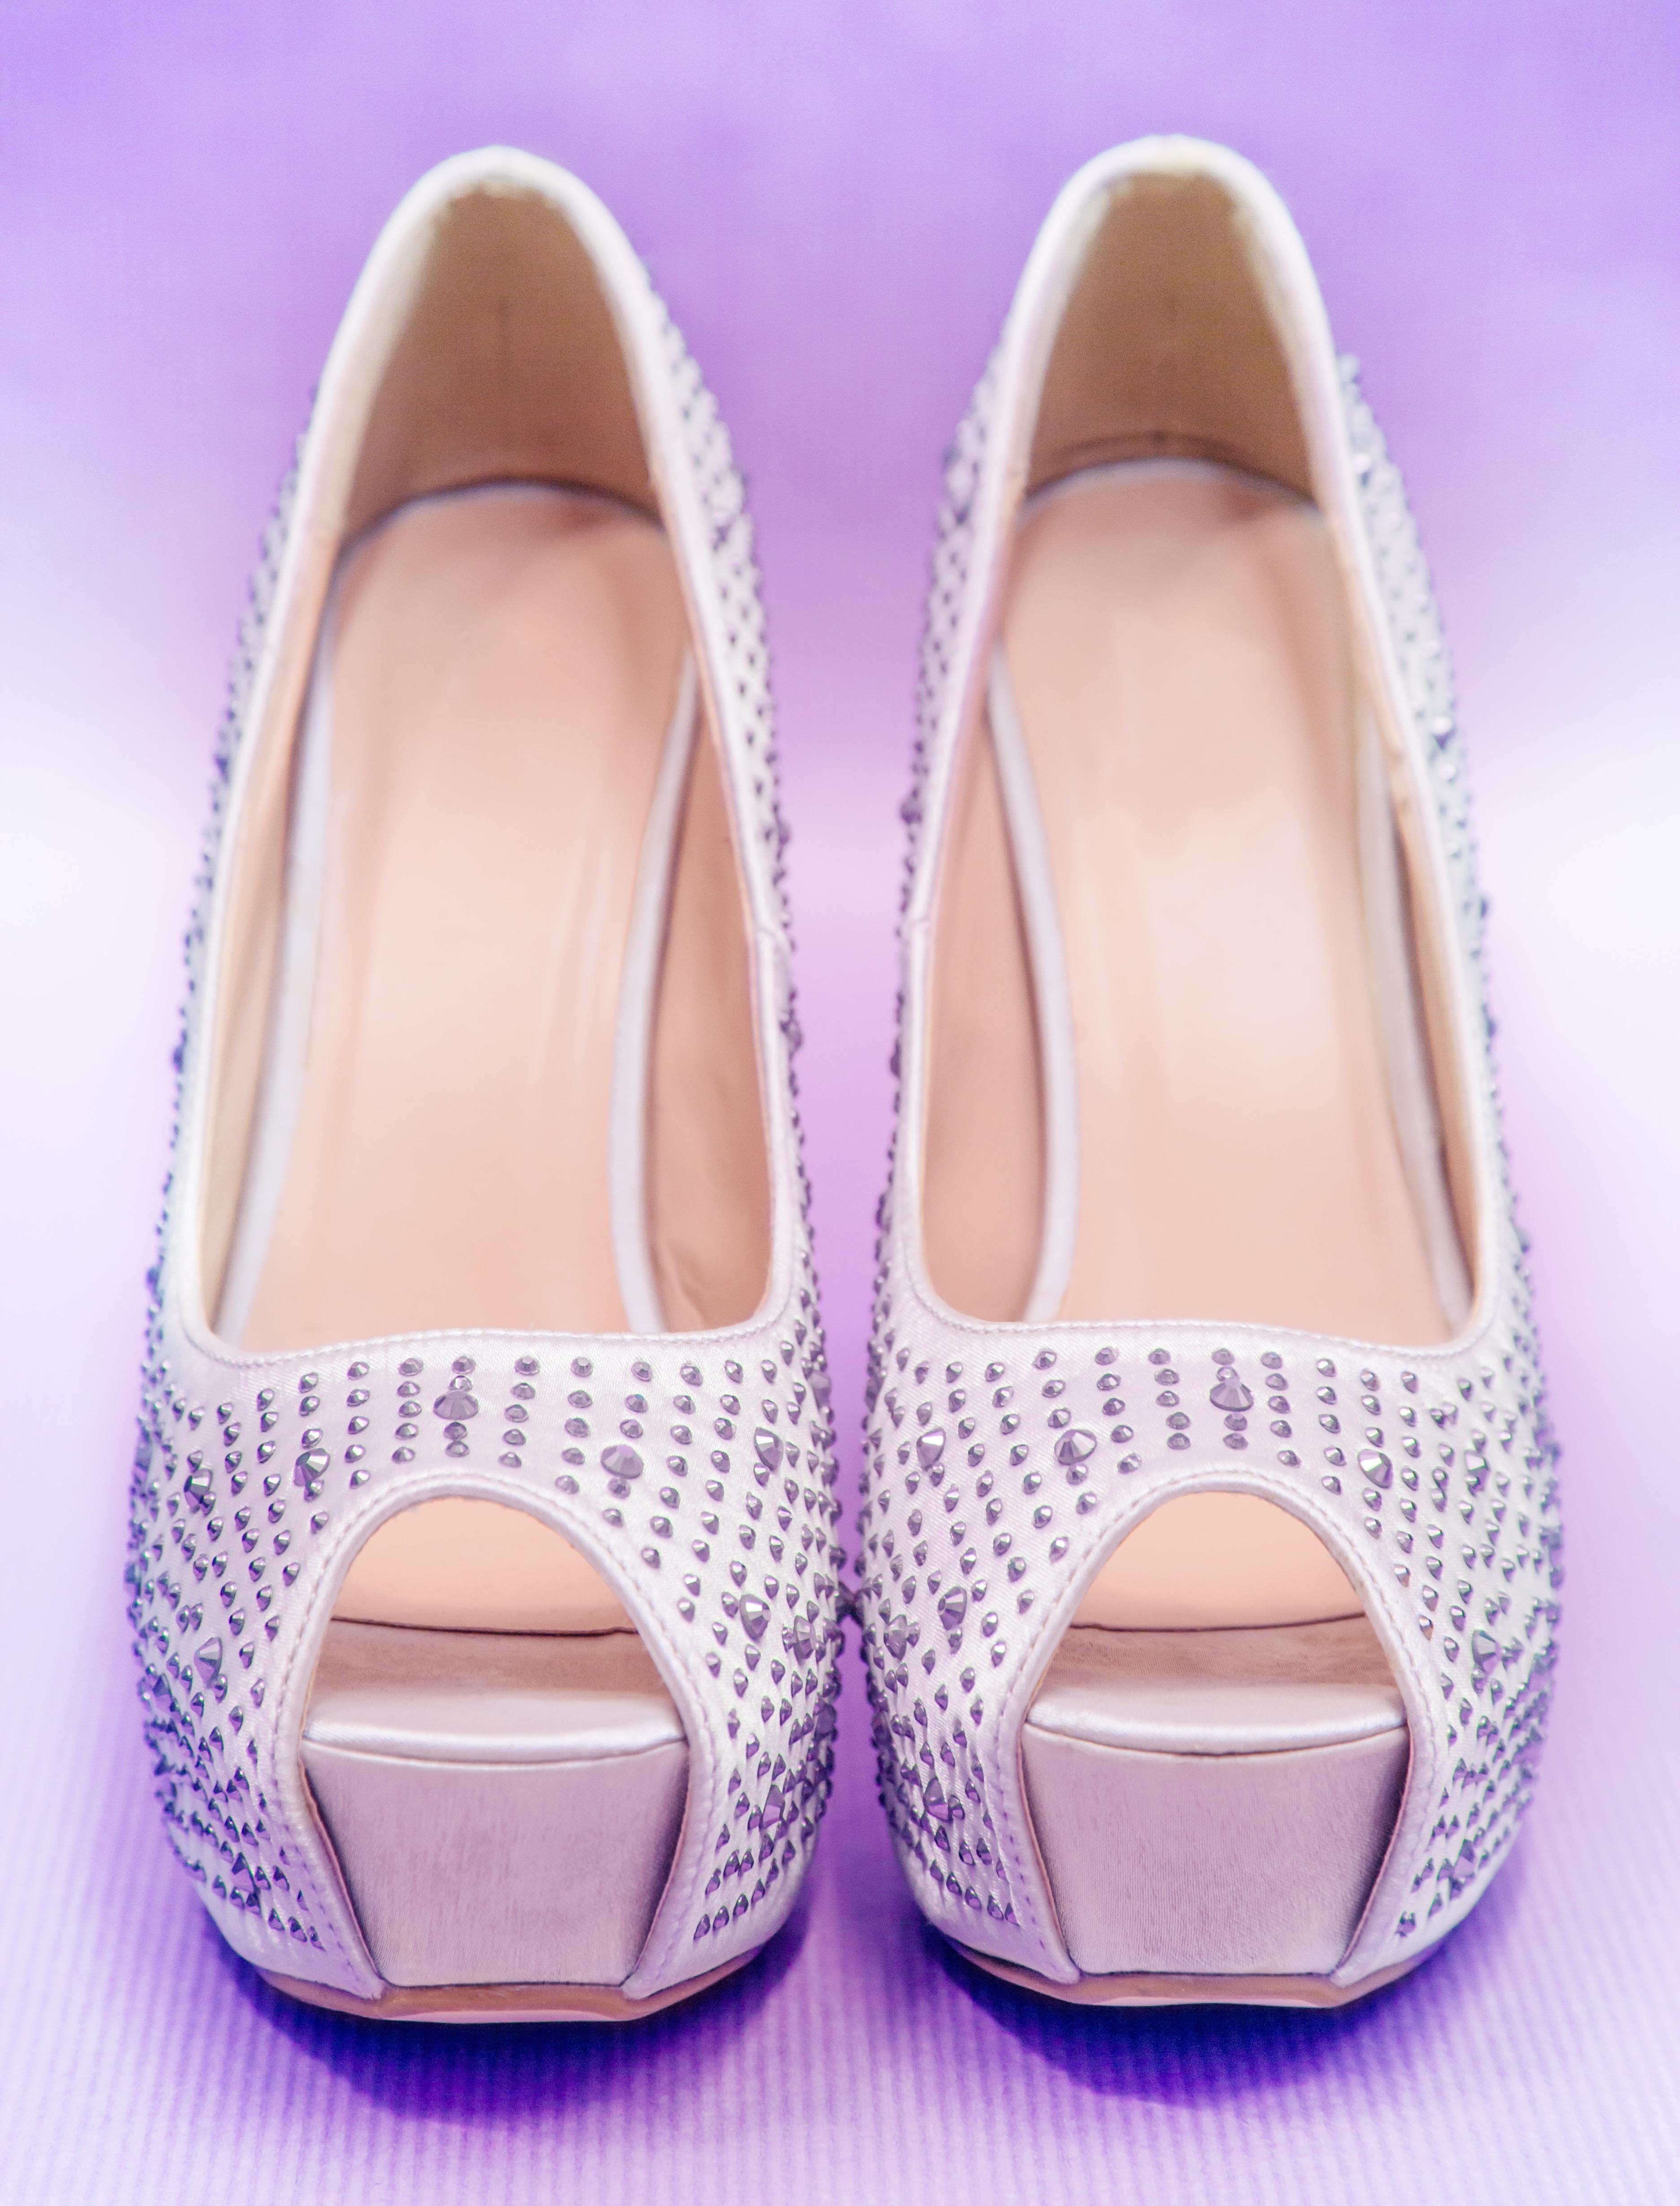 Fotos gratis : zapato, blanco, pierna, primavera, rosado, vestido de ...